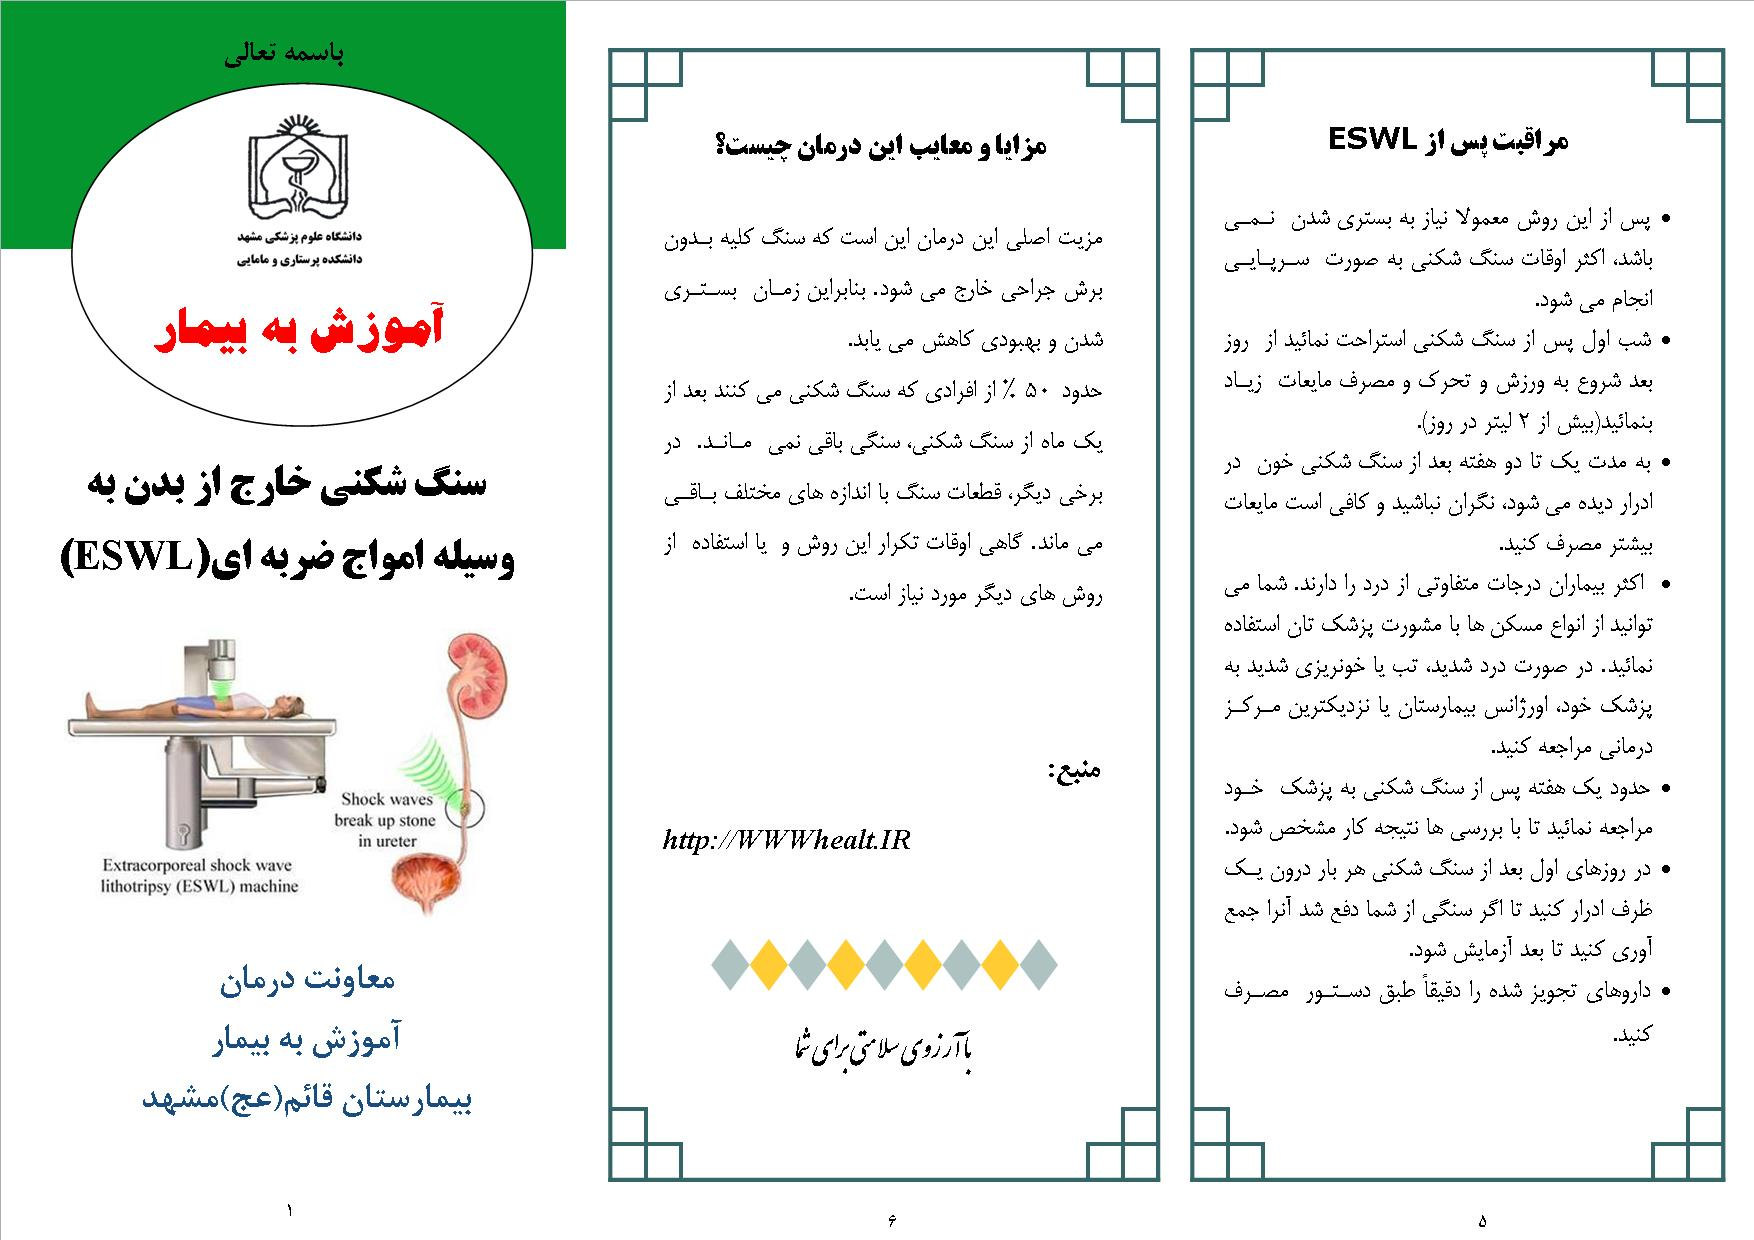 سنگ شکنی خارج ازبدن | آموزش به بیمار بیمارستان قائم مشهد